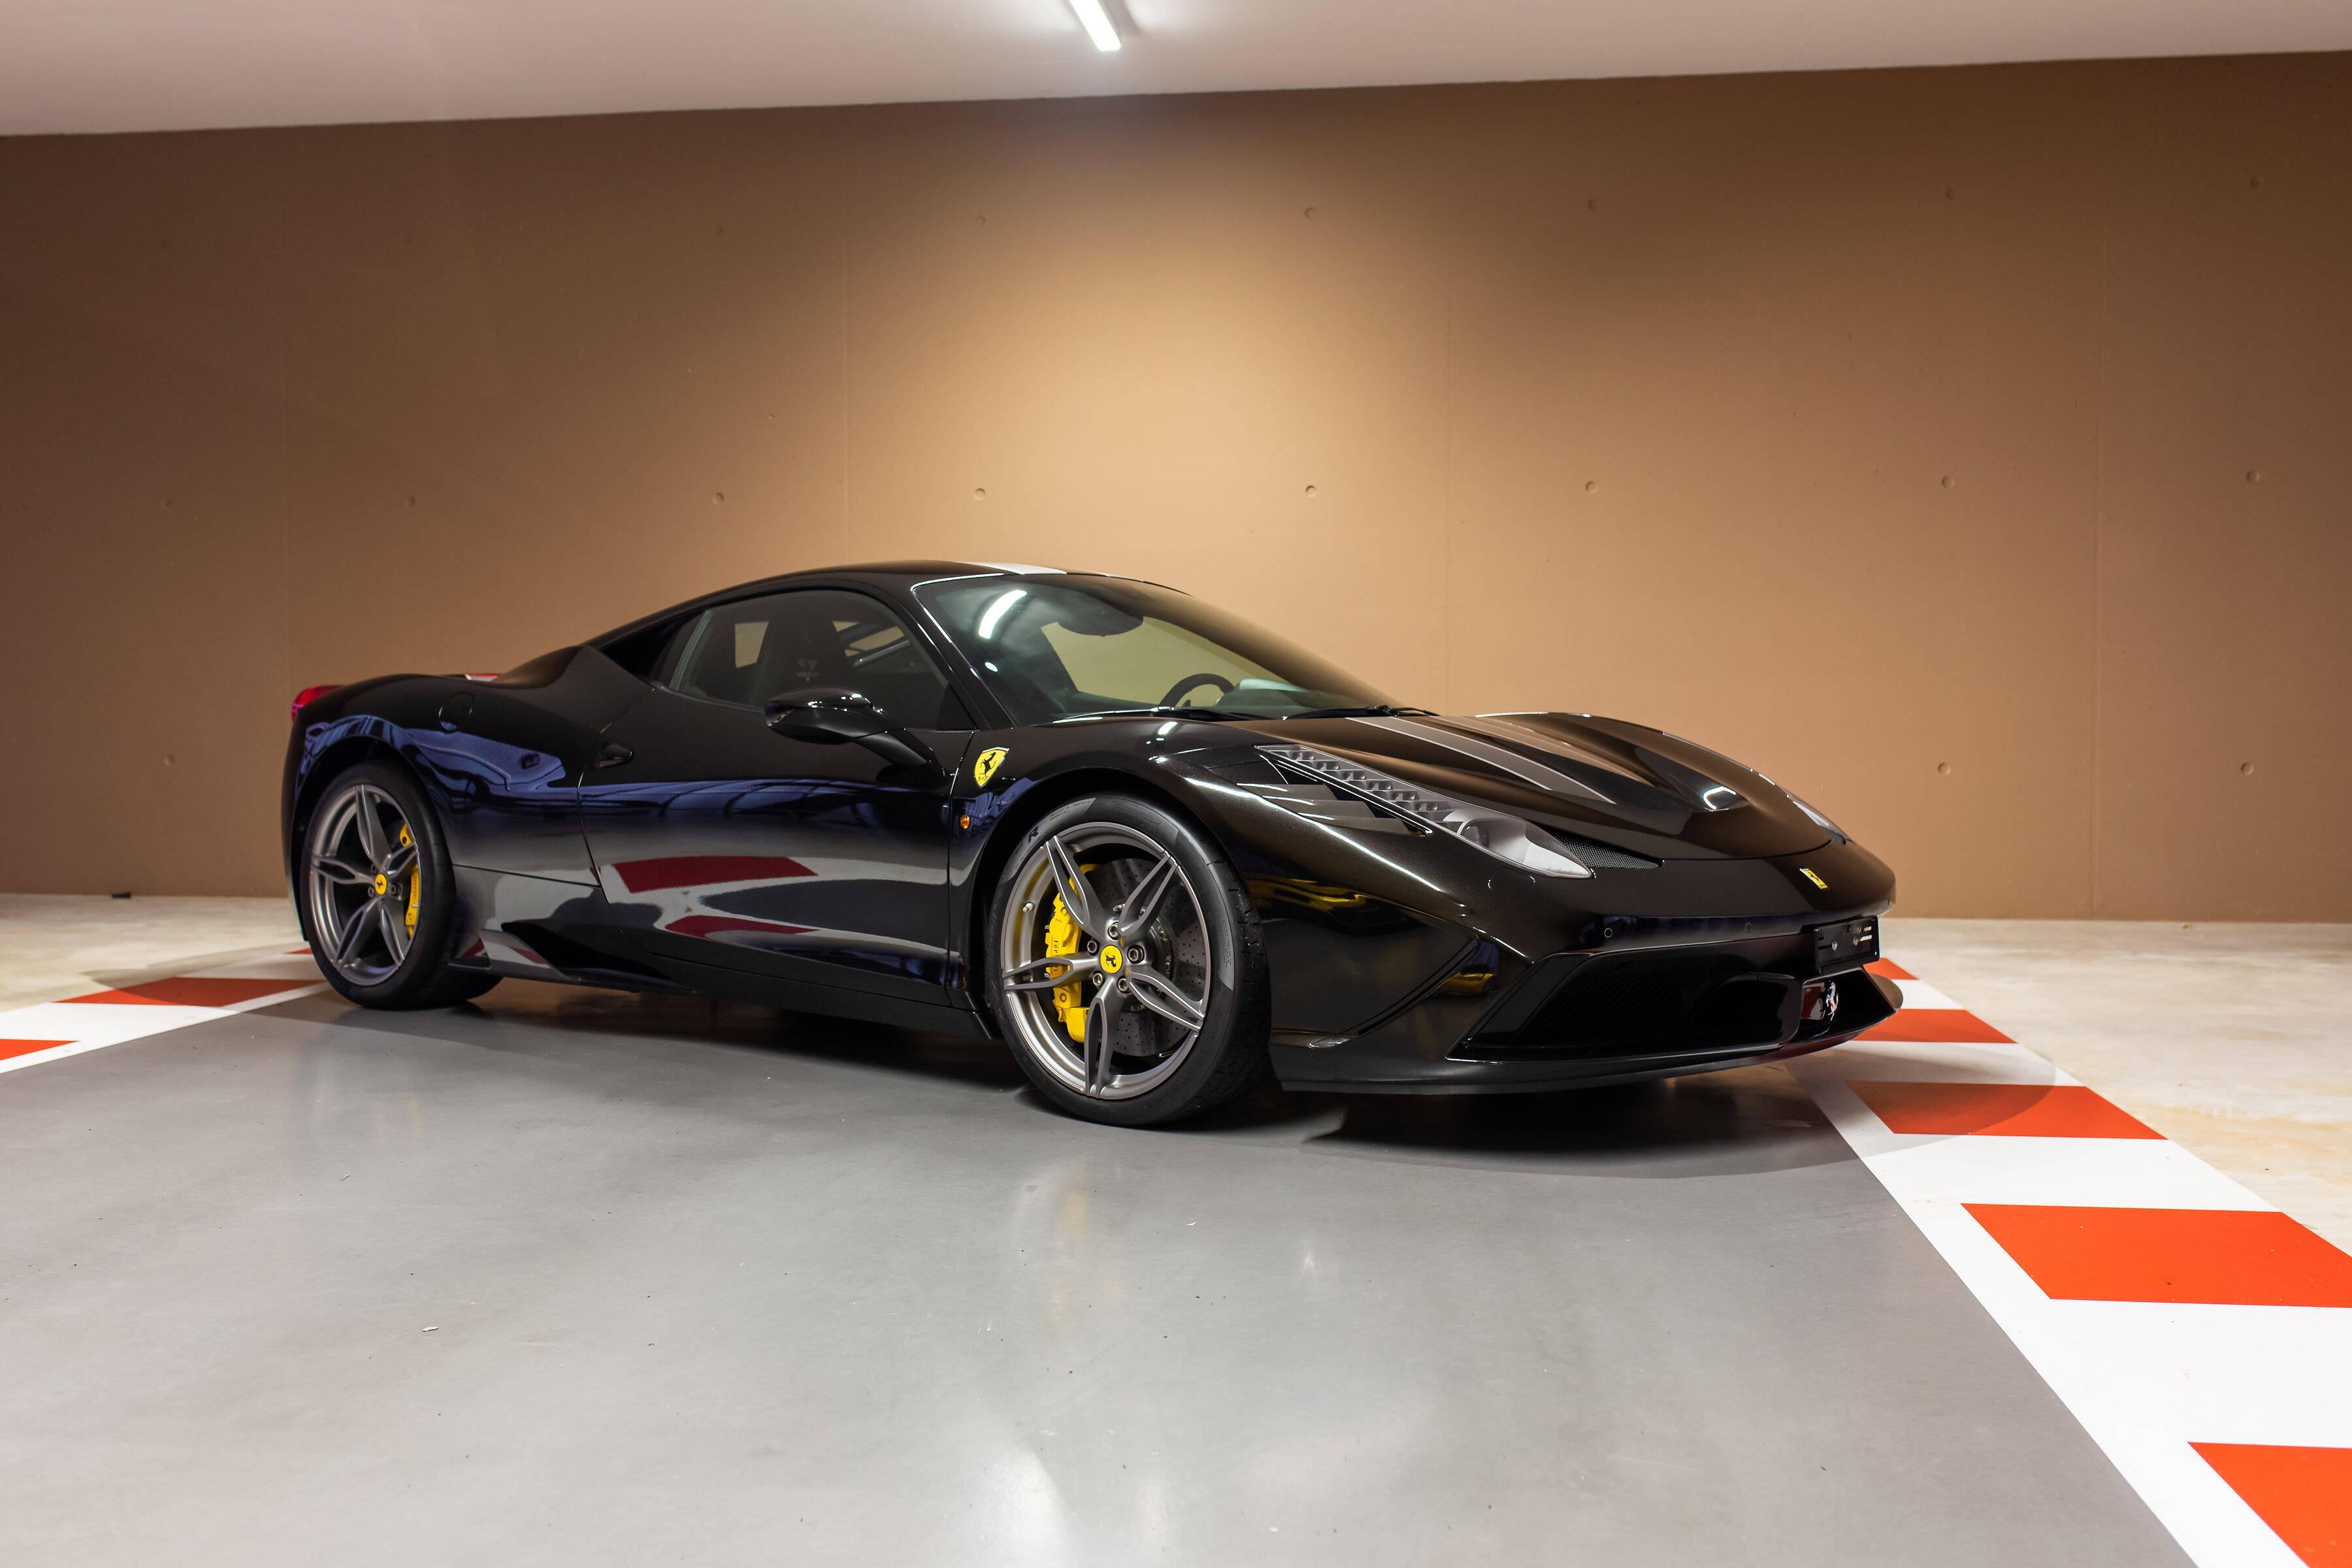 Ferrari 458 Speciale. Foto: Reprodução/Tom Hartley Jnr